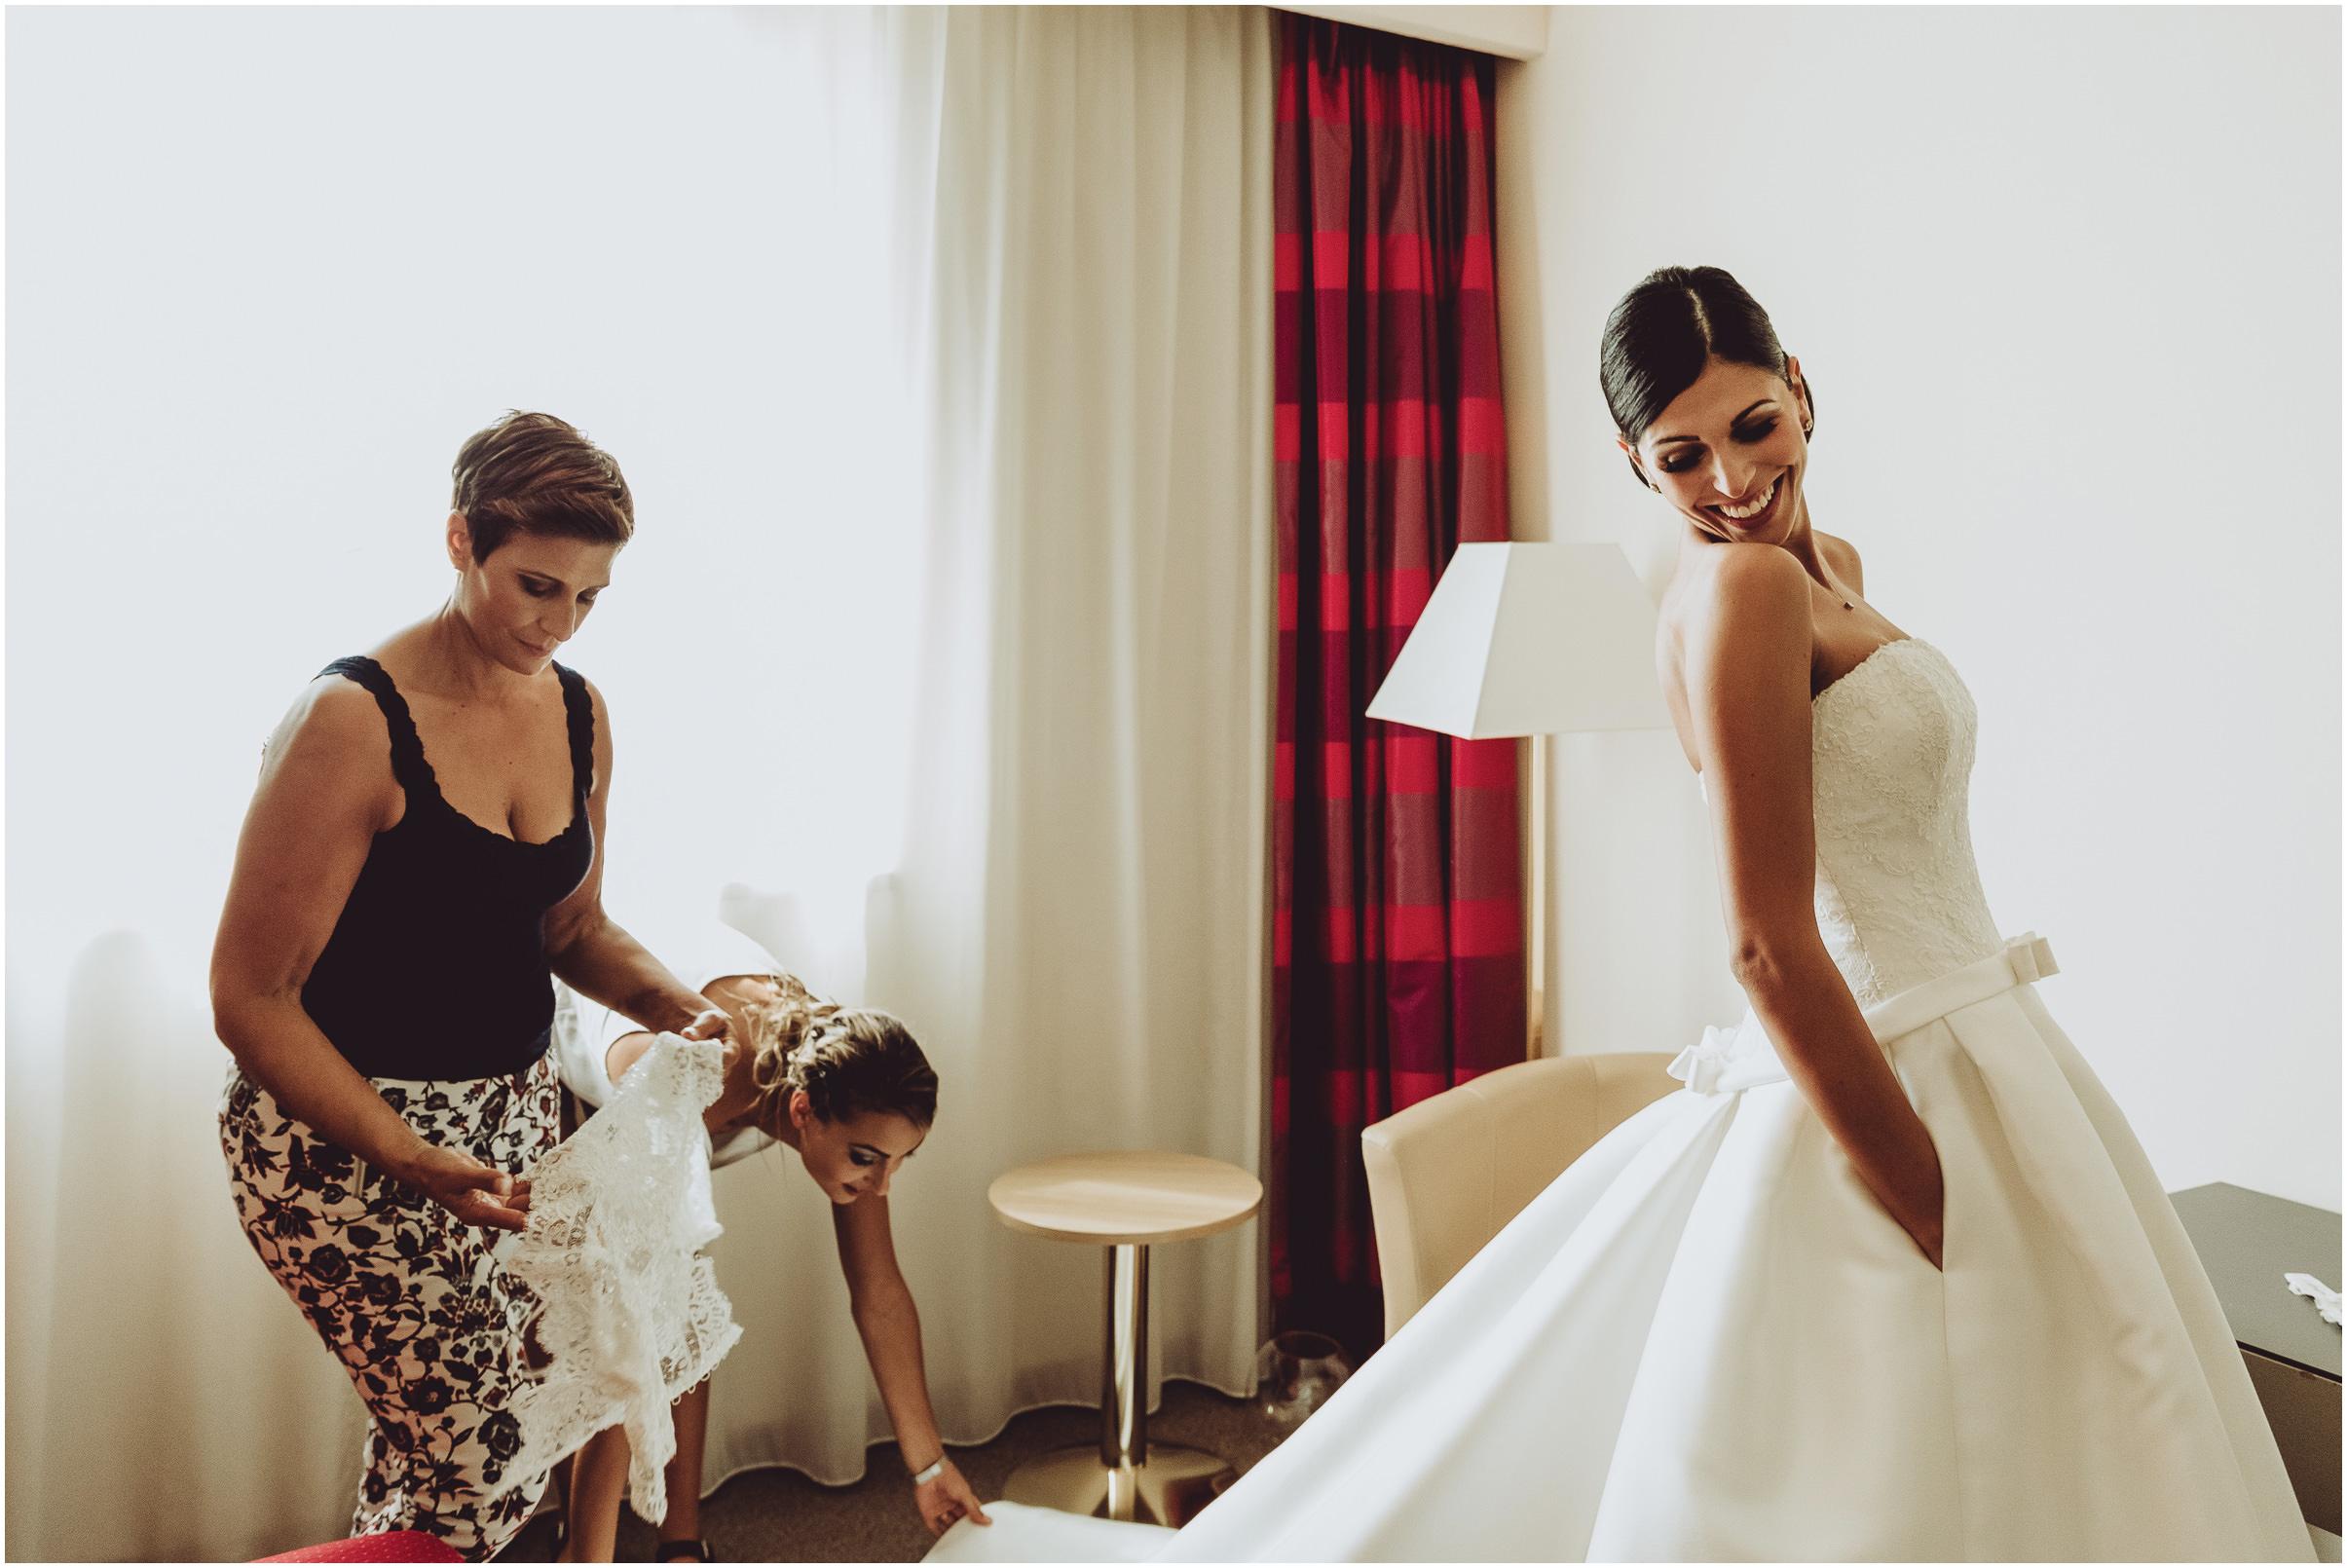 WEDDING-PHOTOGRAPHY-SARA-LORENZONI-FOTOGRAFIA-MATRIMONIO-AREZZO-TUSCANY-EVENTO-LE-SPOSE-DI-GIANNI-ELISA-LUCA008